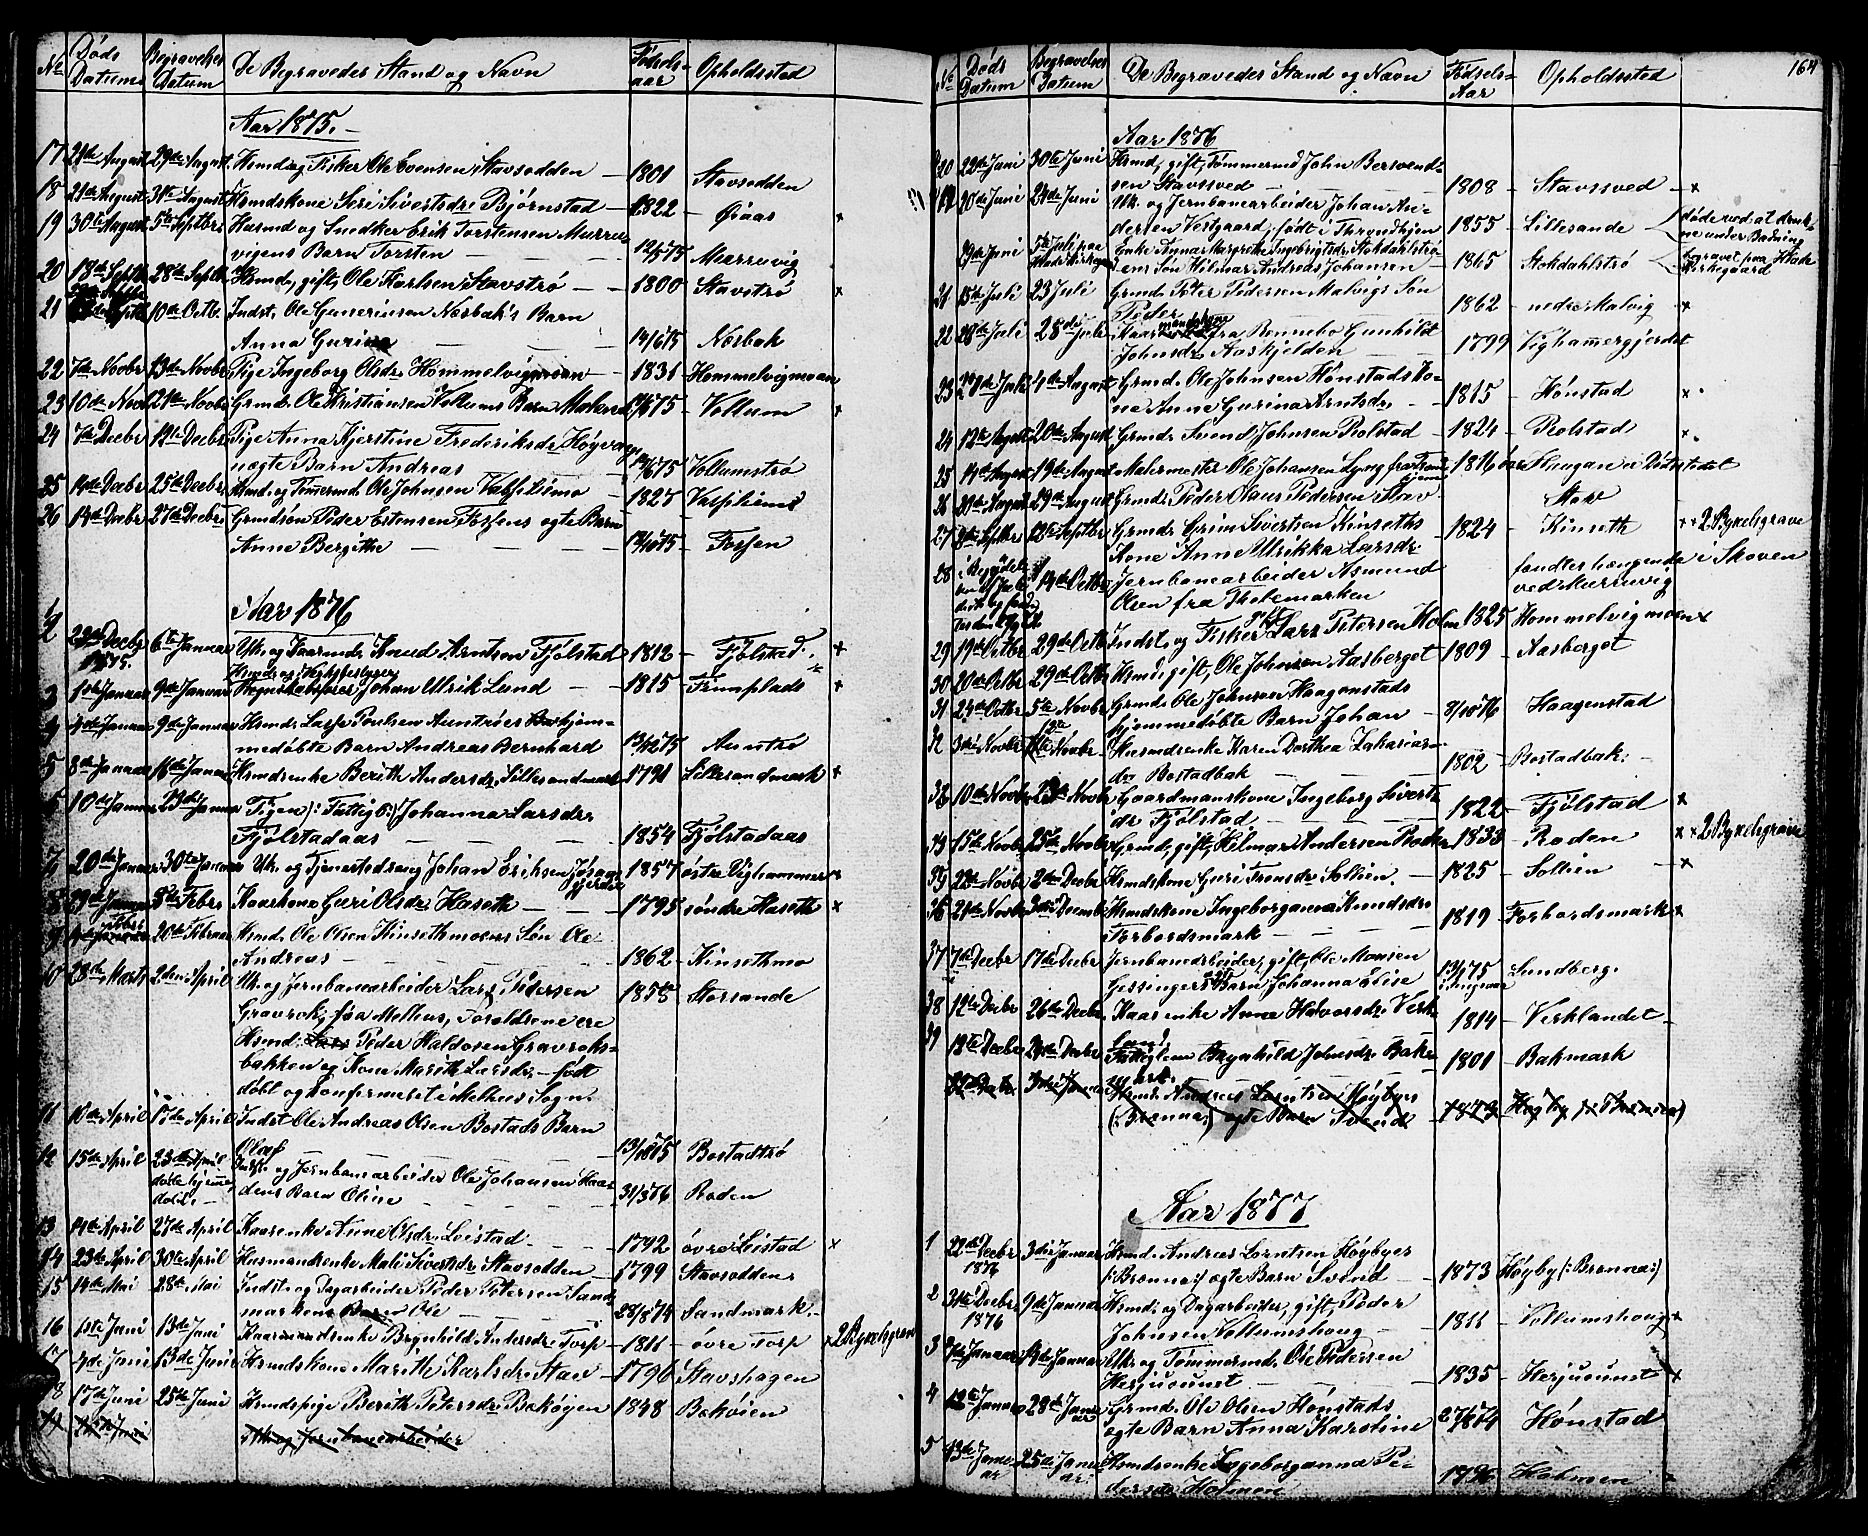 SAT, Ministerialprotokoller, klokkerbøker og fødselsregistre - Sør-Trøndelag, 616/L0422: Klokkerbok nr. 616C05, 1850-1888, s. 164